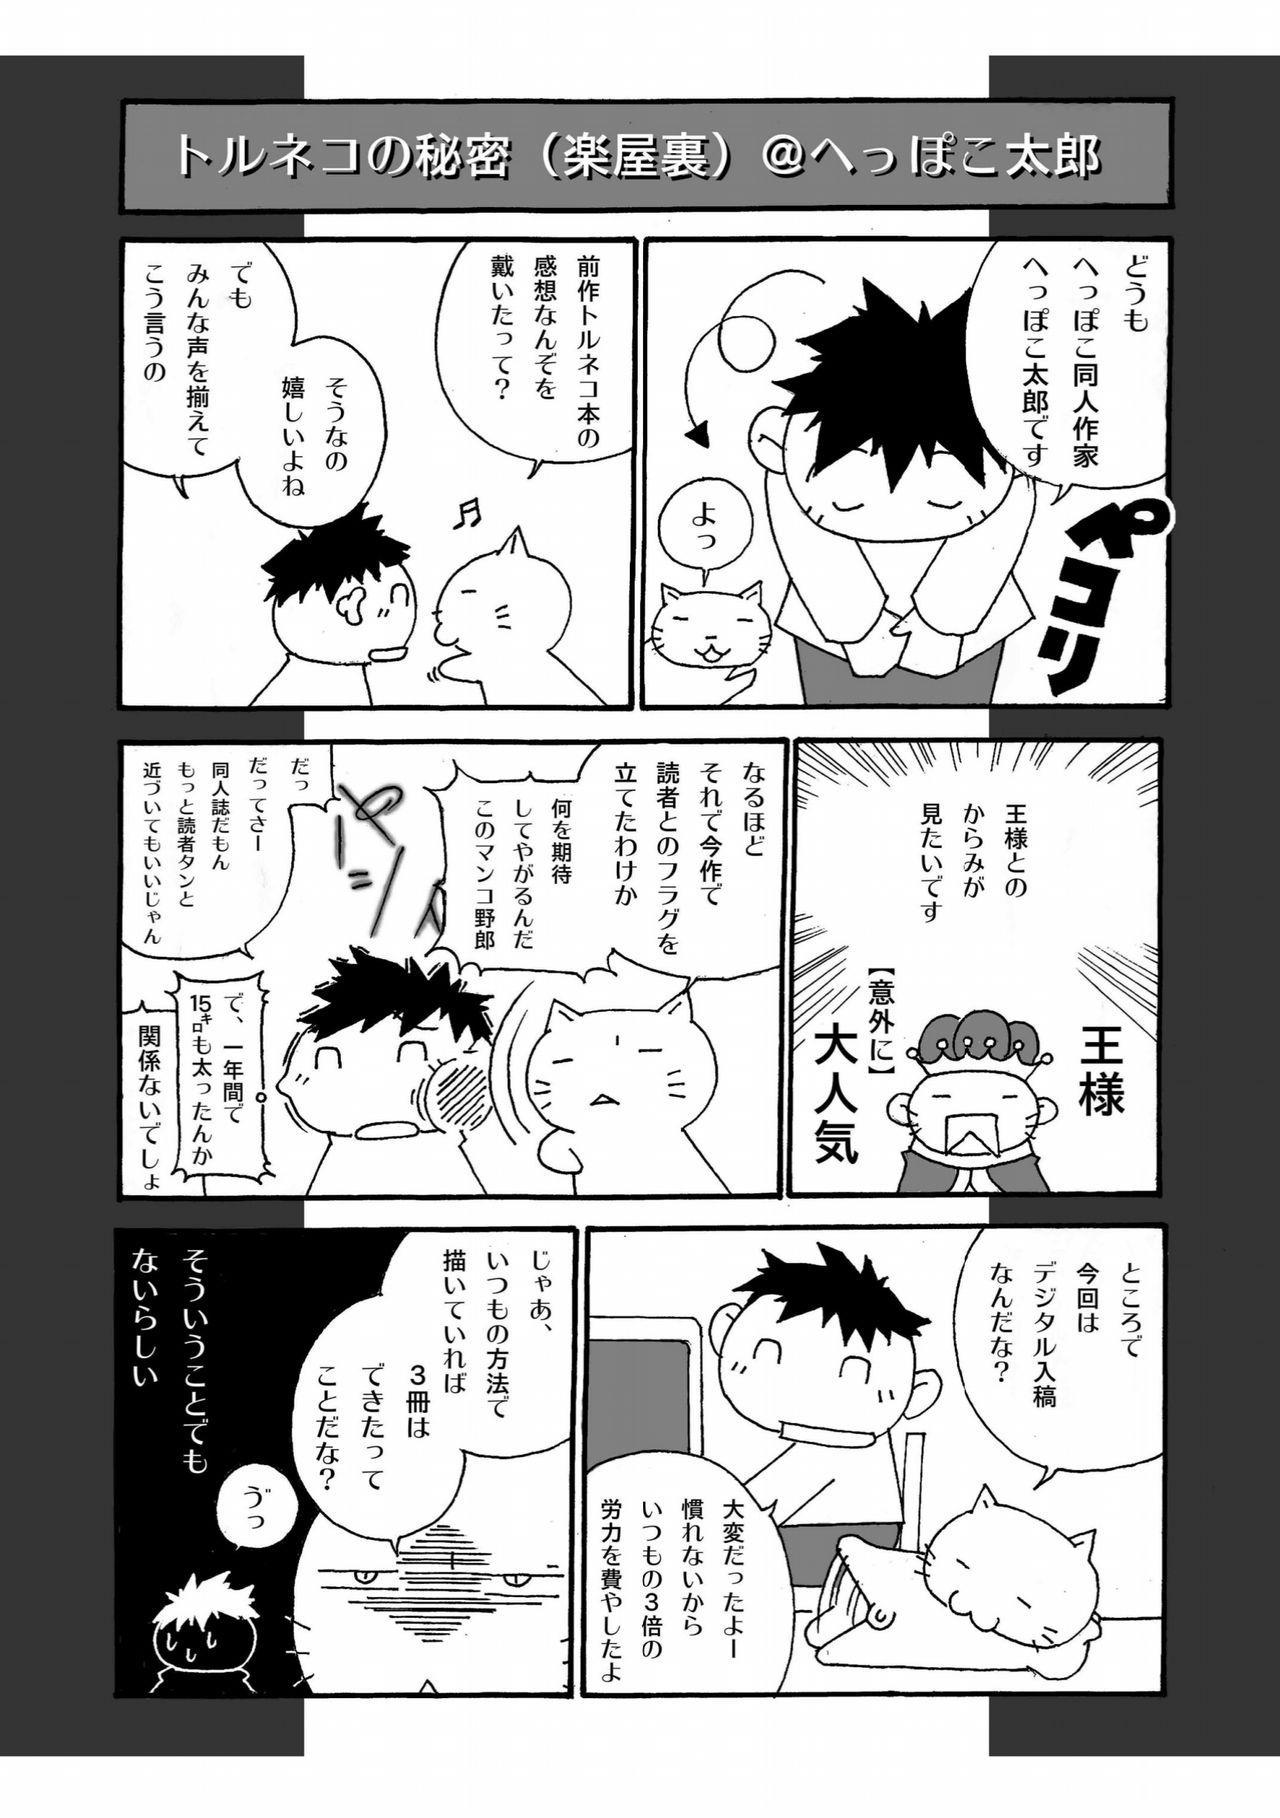 Torneko no Himitsu 27